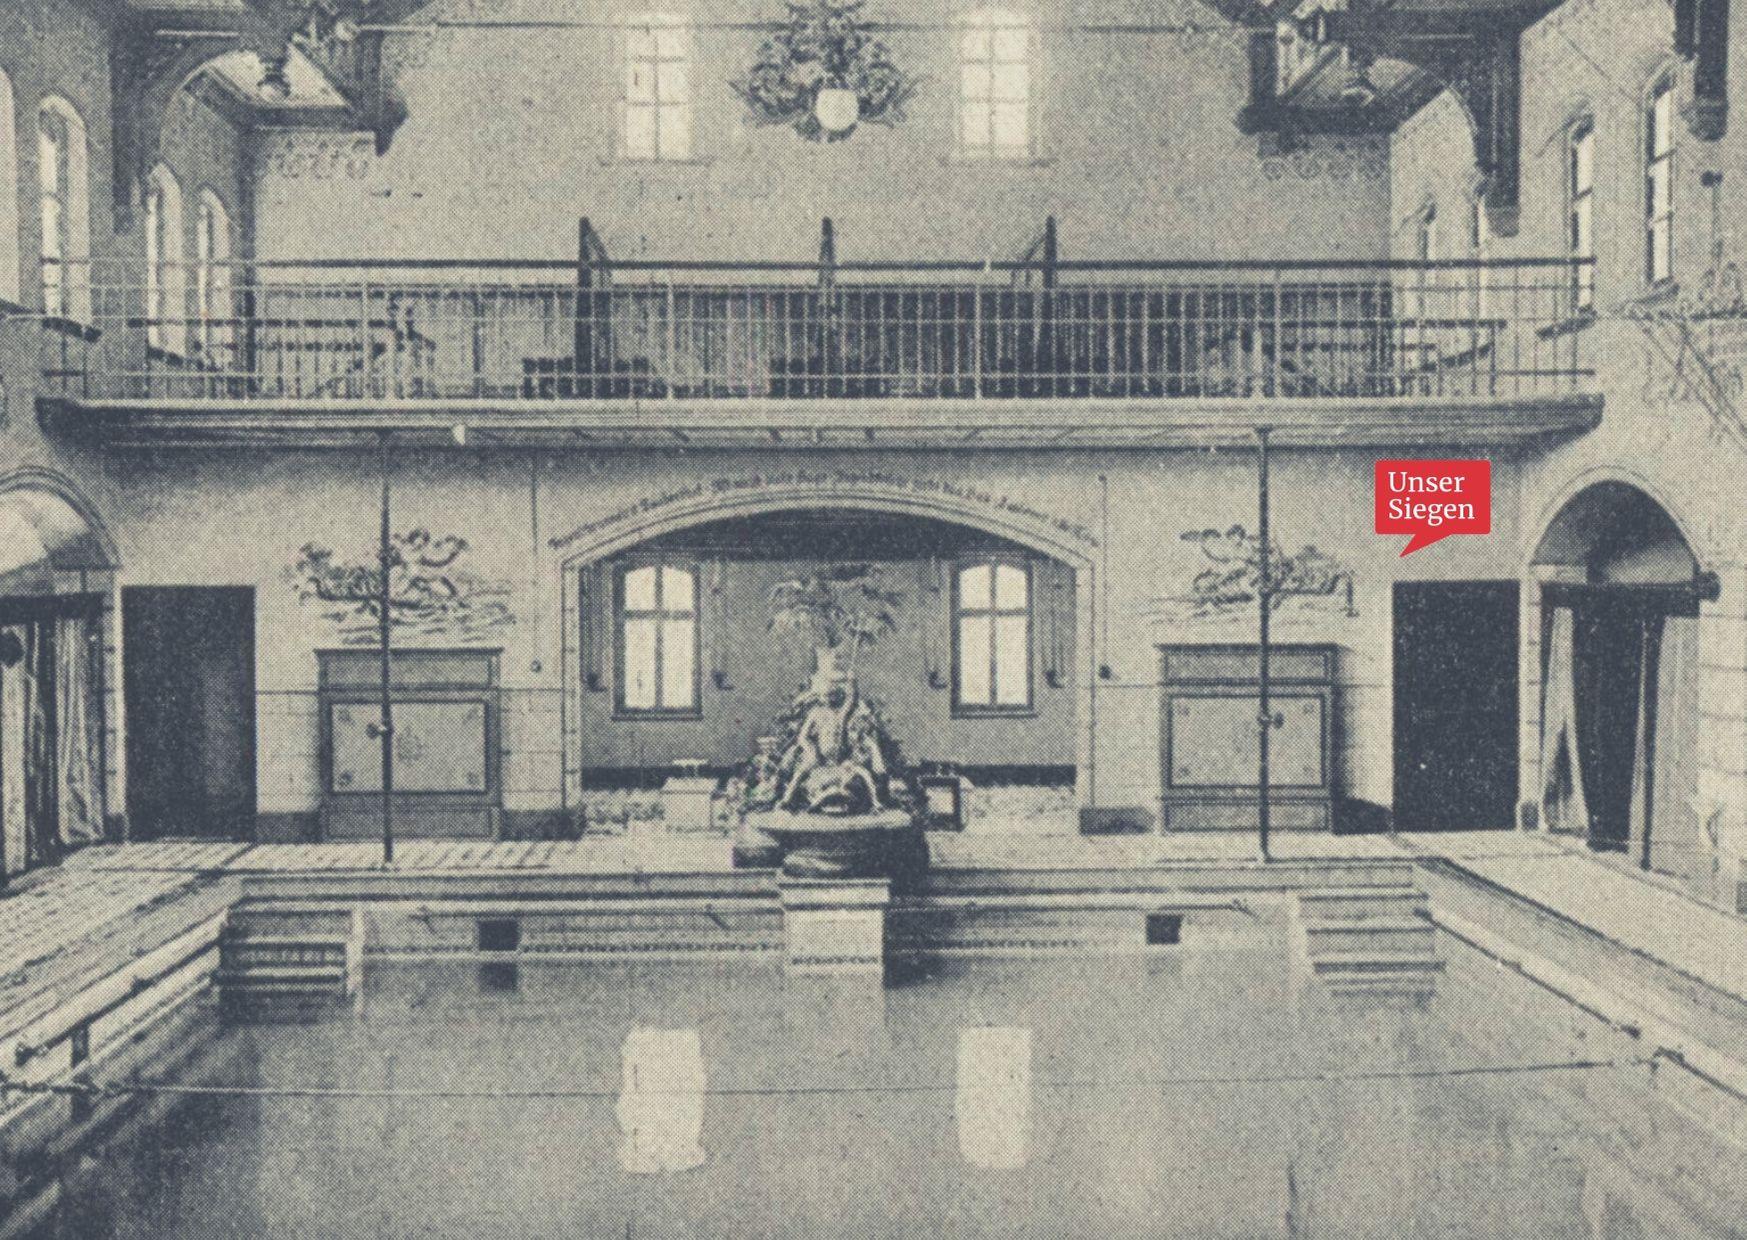 Historische Schwarz-weiß-Aufnahme des alten Stadtbades in Siegen, einem Jugendstilbad in der Sandstraße. Datiert vor 1924. Mit freundlicher Genehmigung des Stadtarchivs Siegen.